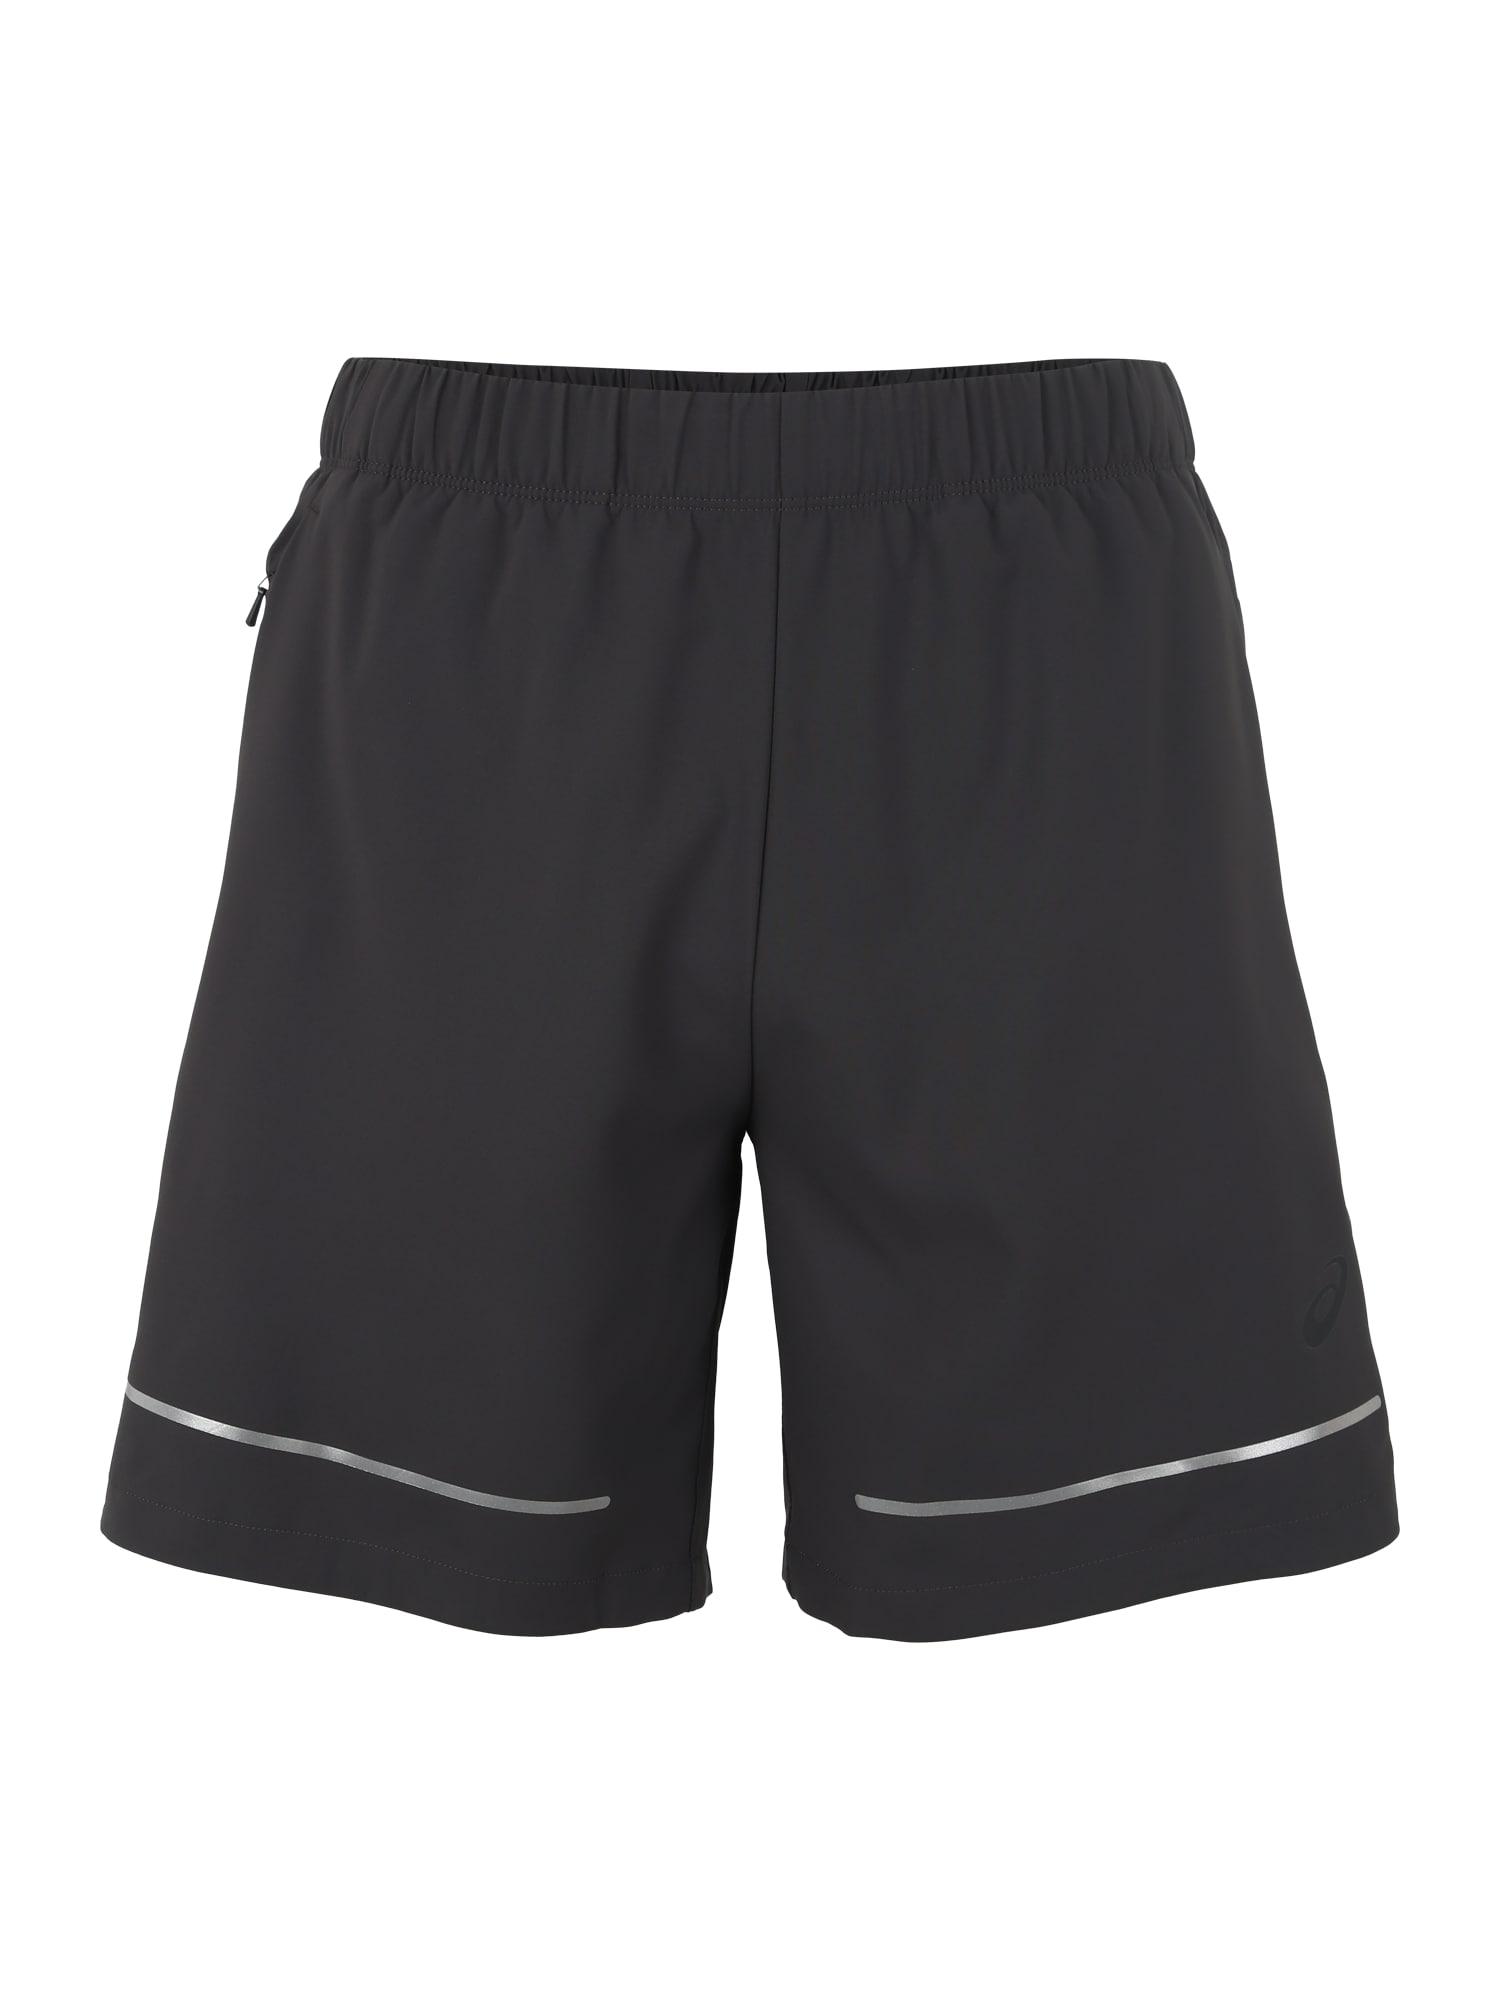 Sportovní kalhoty LITE-SHOW 7IN SHORT tmavě šedá ASICS